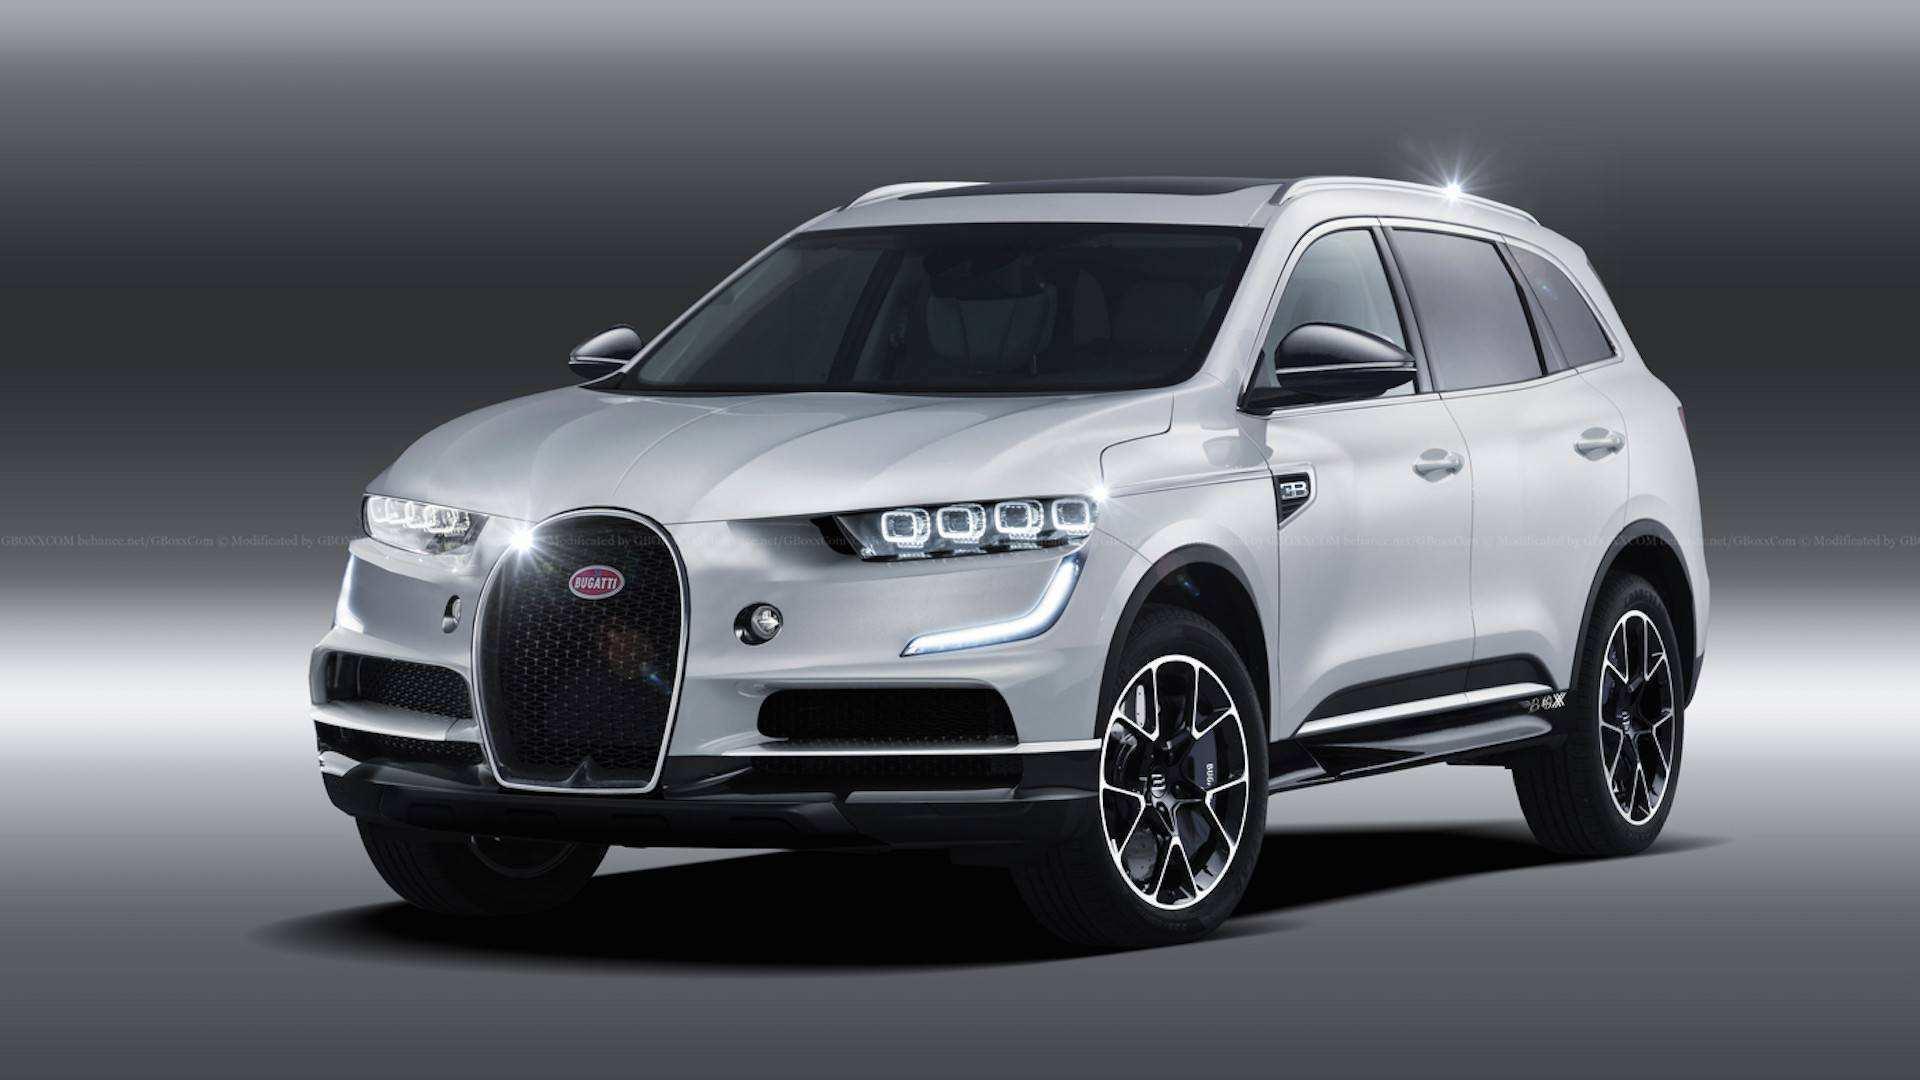 15 All New Bugatti 2020 Model Release by Bugatti 2020 Model